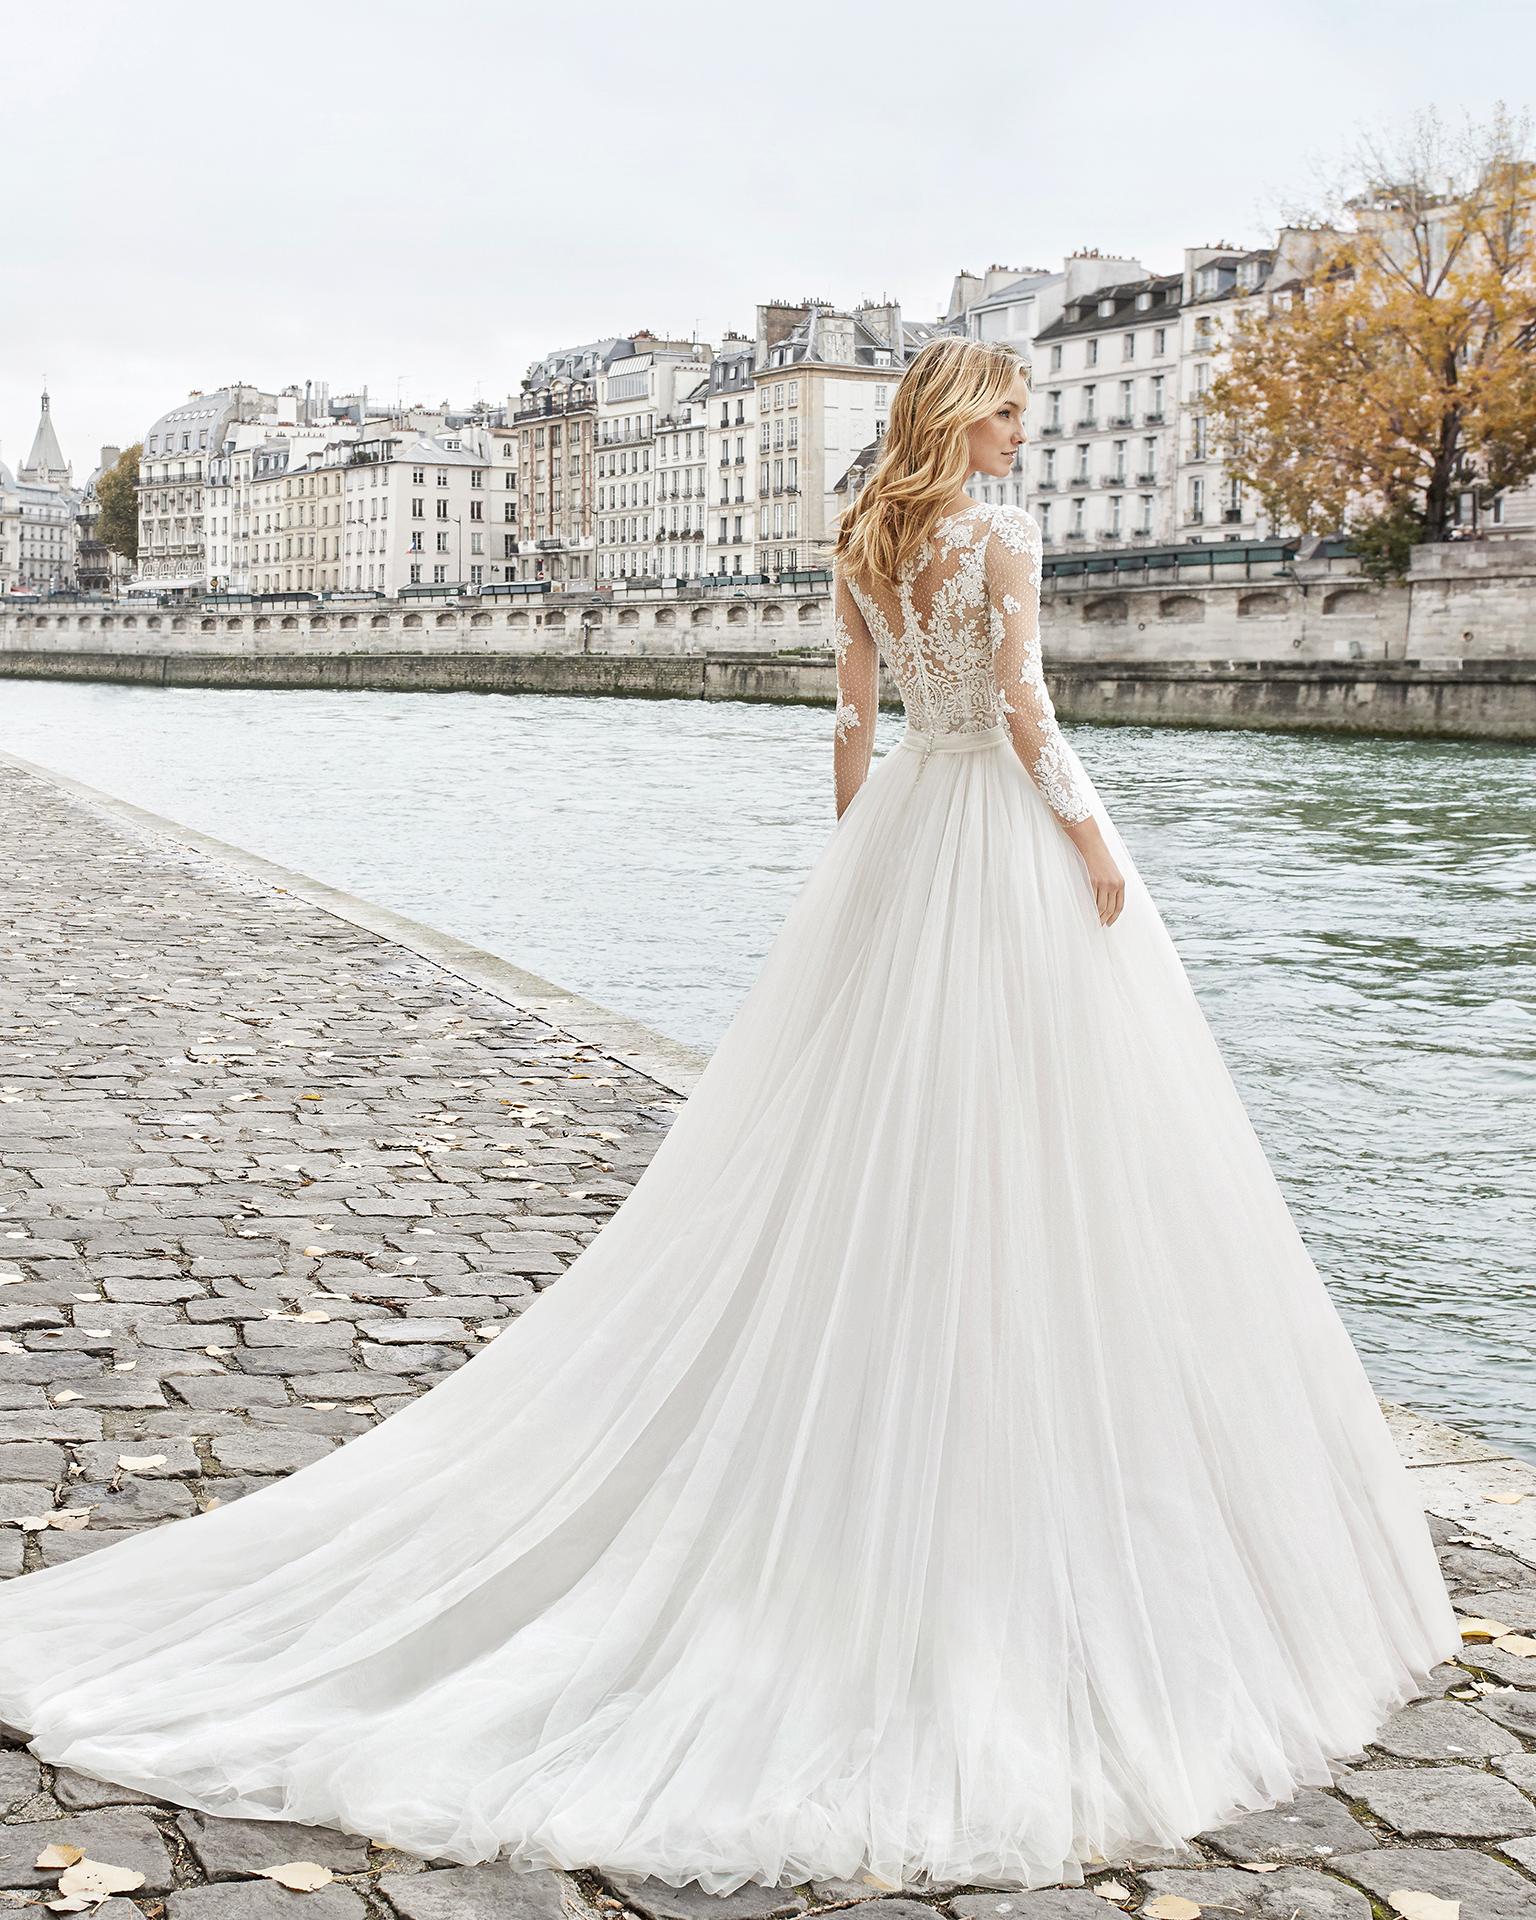 Vestido de novia estilo princesa de encaje pedrería y tul. Escote barco y manga larga con falda gran volumen. Disponible en color natural. Colección AIRE BARCELONA 2019.